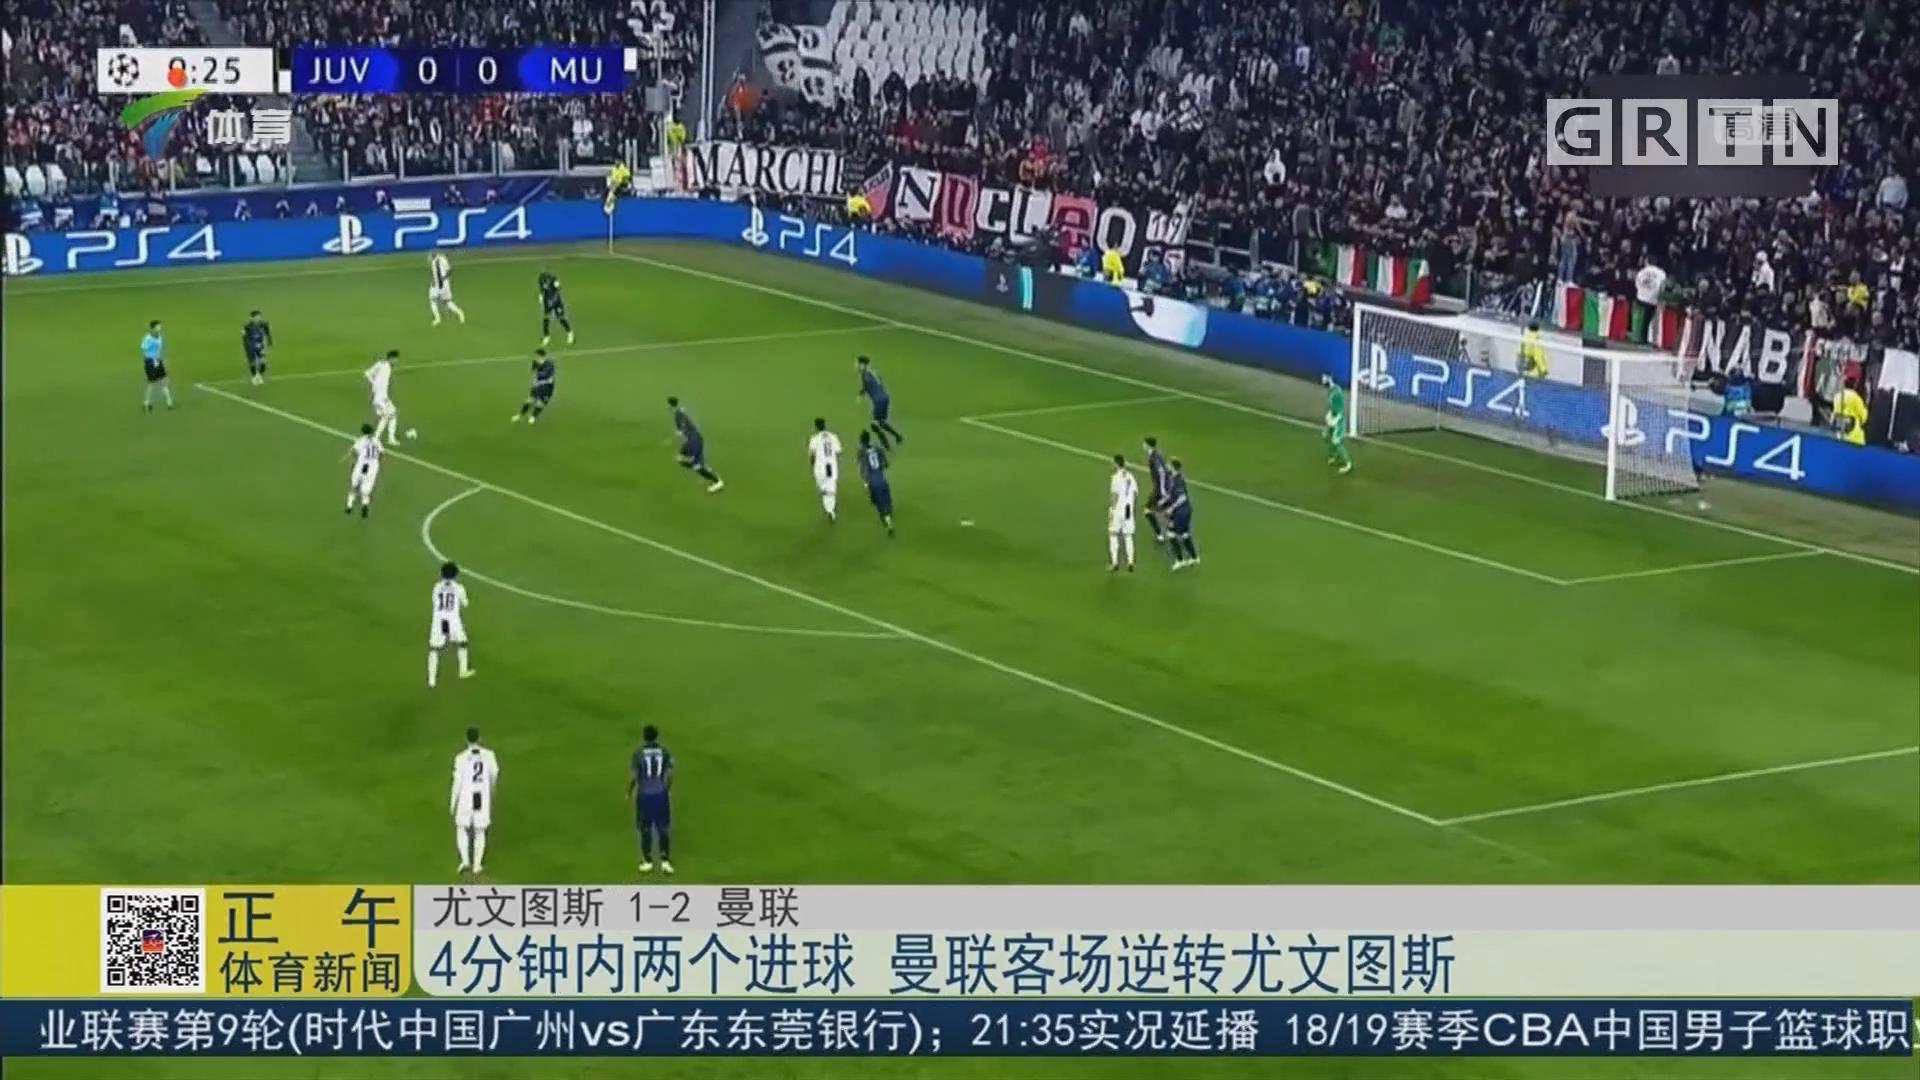 4分钟内两个进球 曼联客场逆转尤文图斯